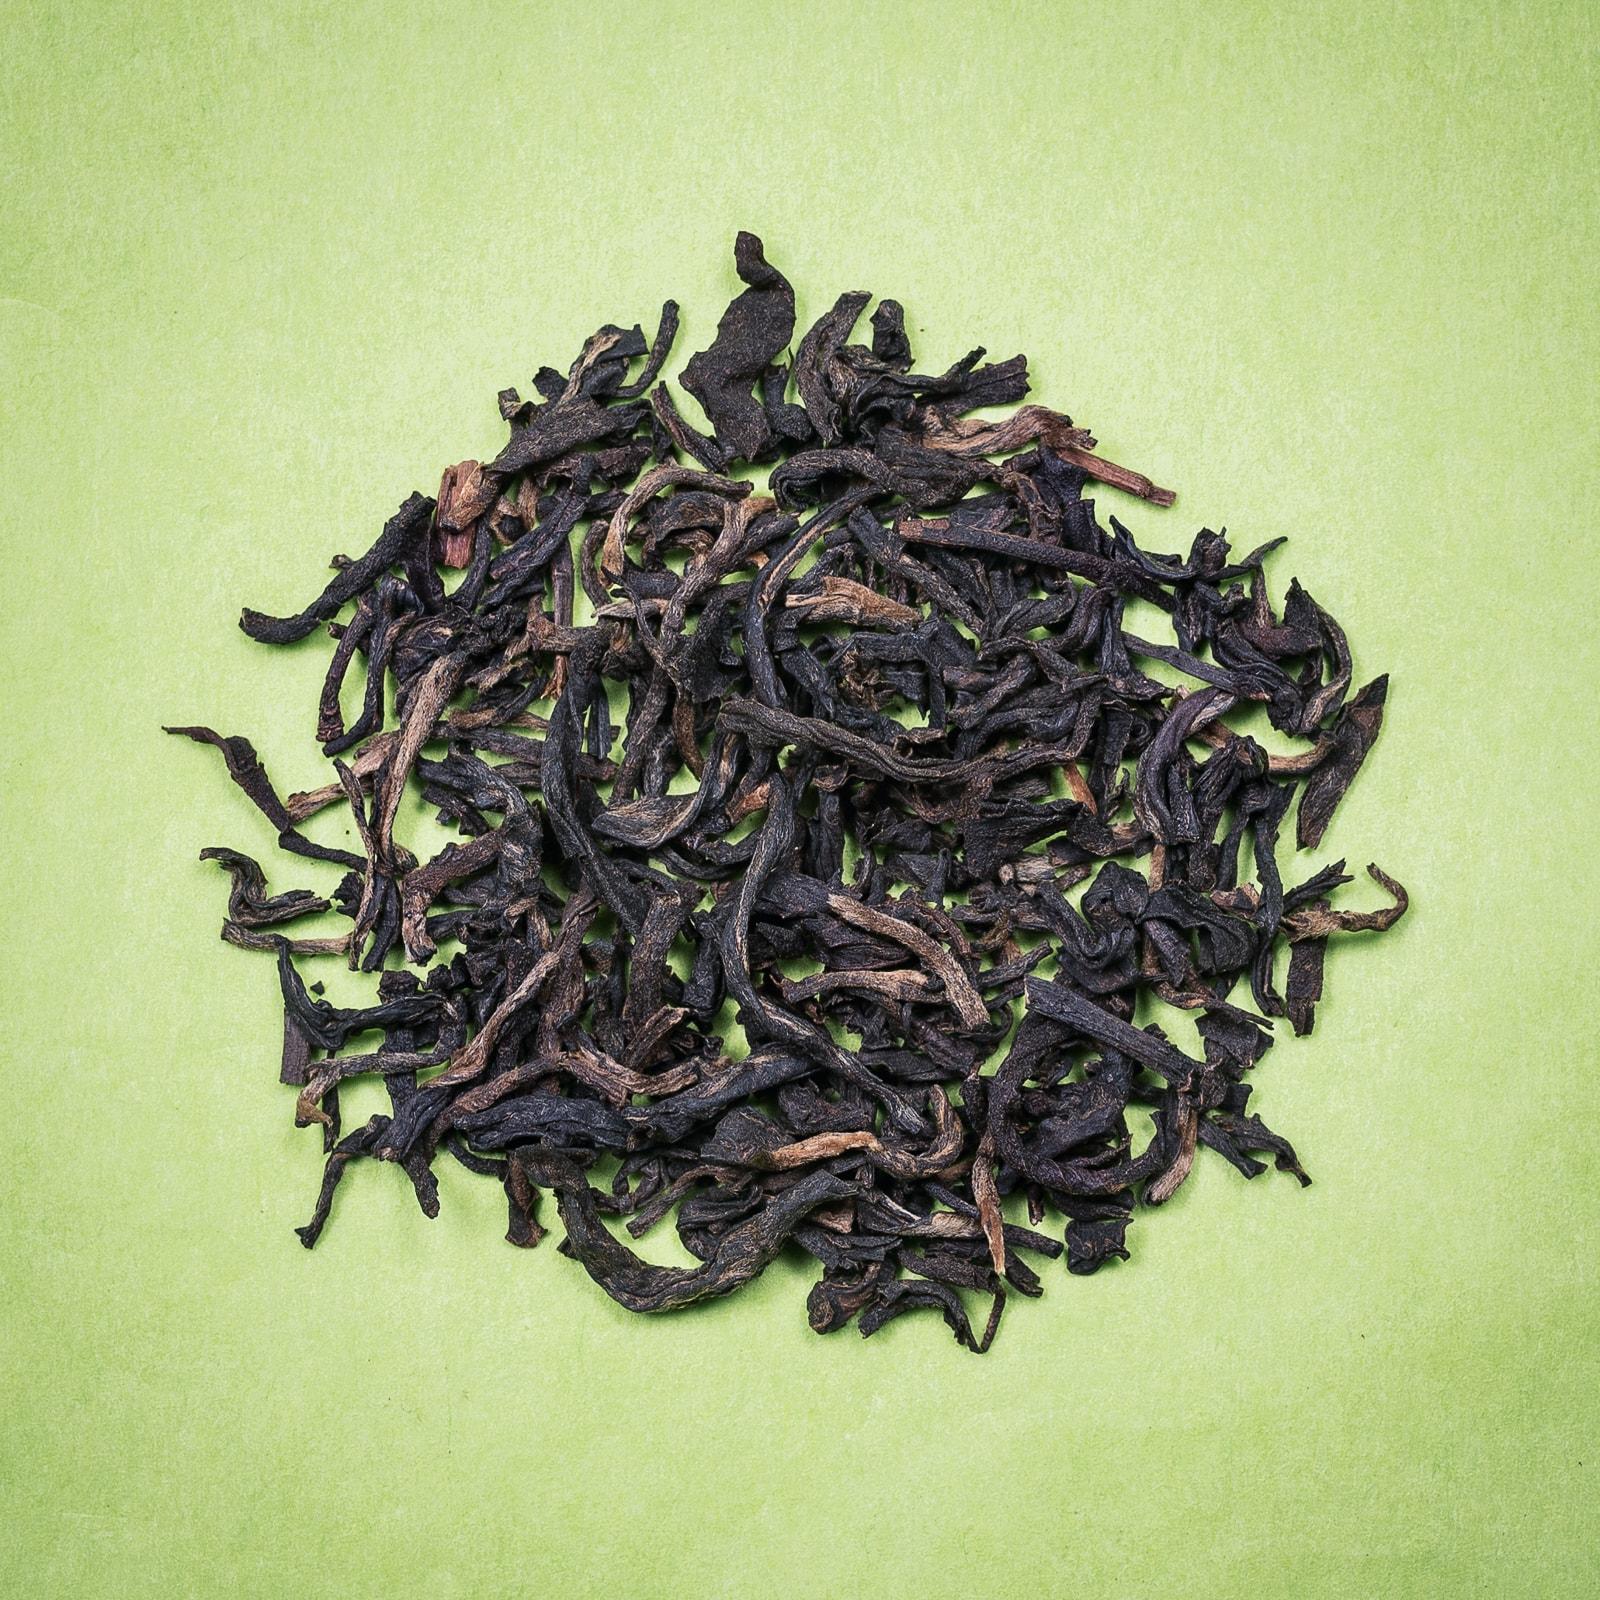 Anbassa-artisan-torrefacteur-the-noir-nature-Grand-Yunnan-Superieur-GUP